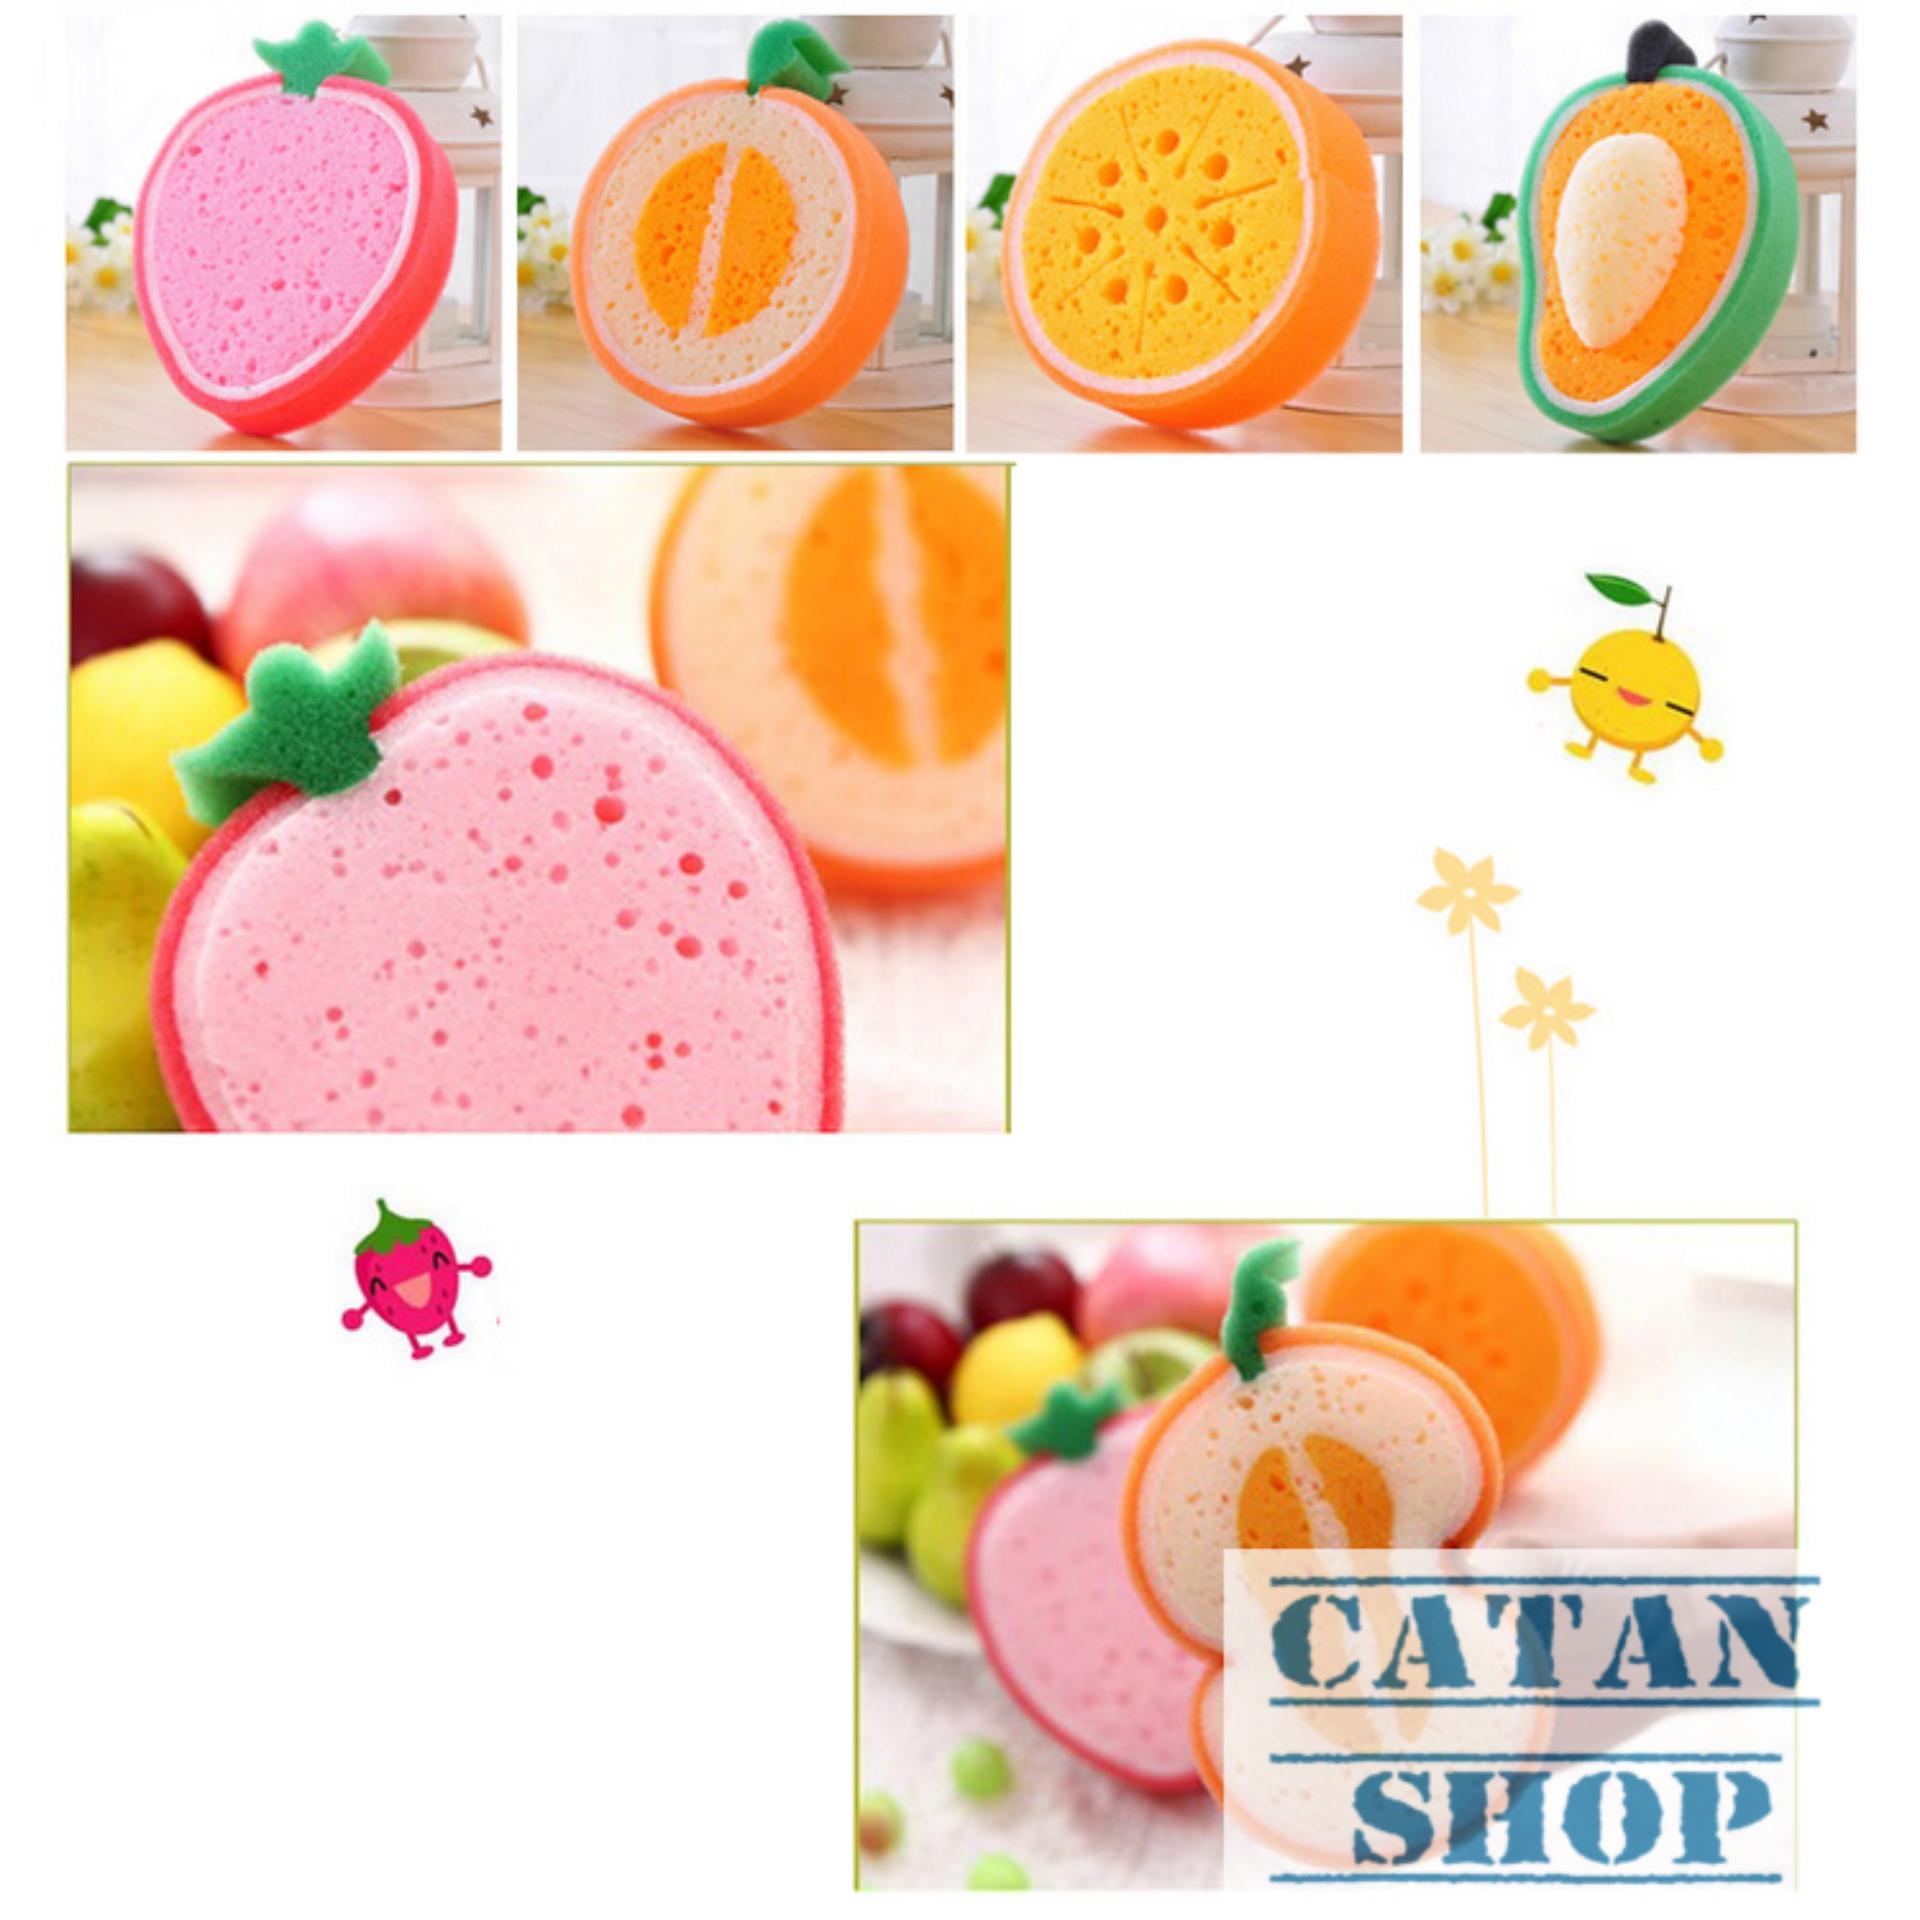 Trang bán Miếng rửa chén bát, bọt biển rửa chén hình trái cây xinh xắn trong bếp GD03-BBRC ( giao màu ngẫu nhiên)